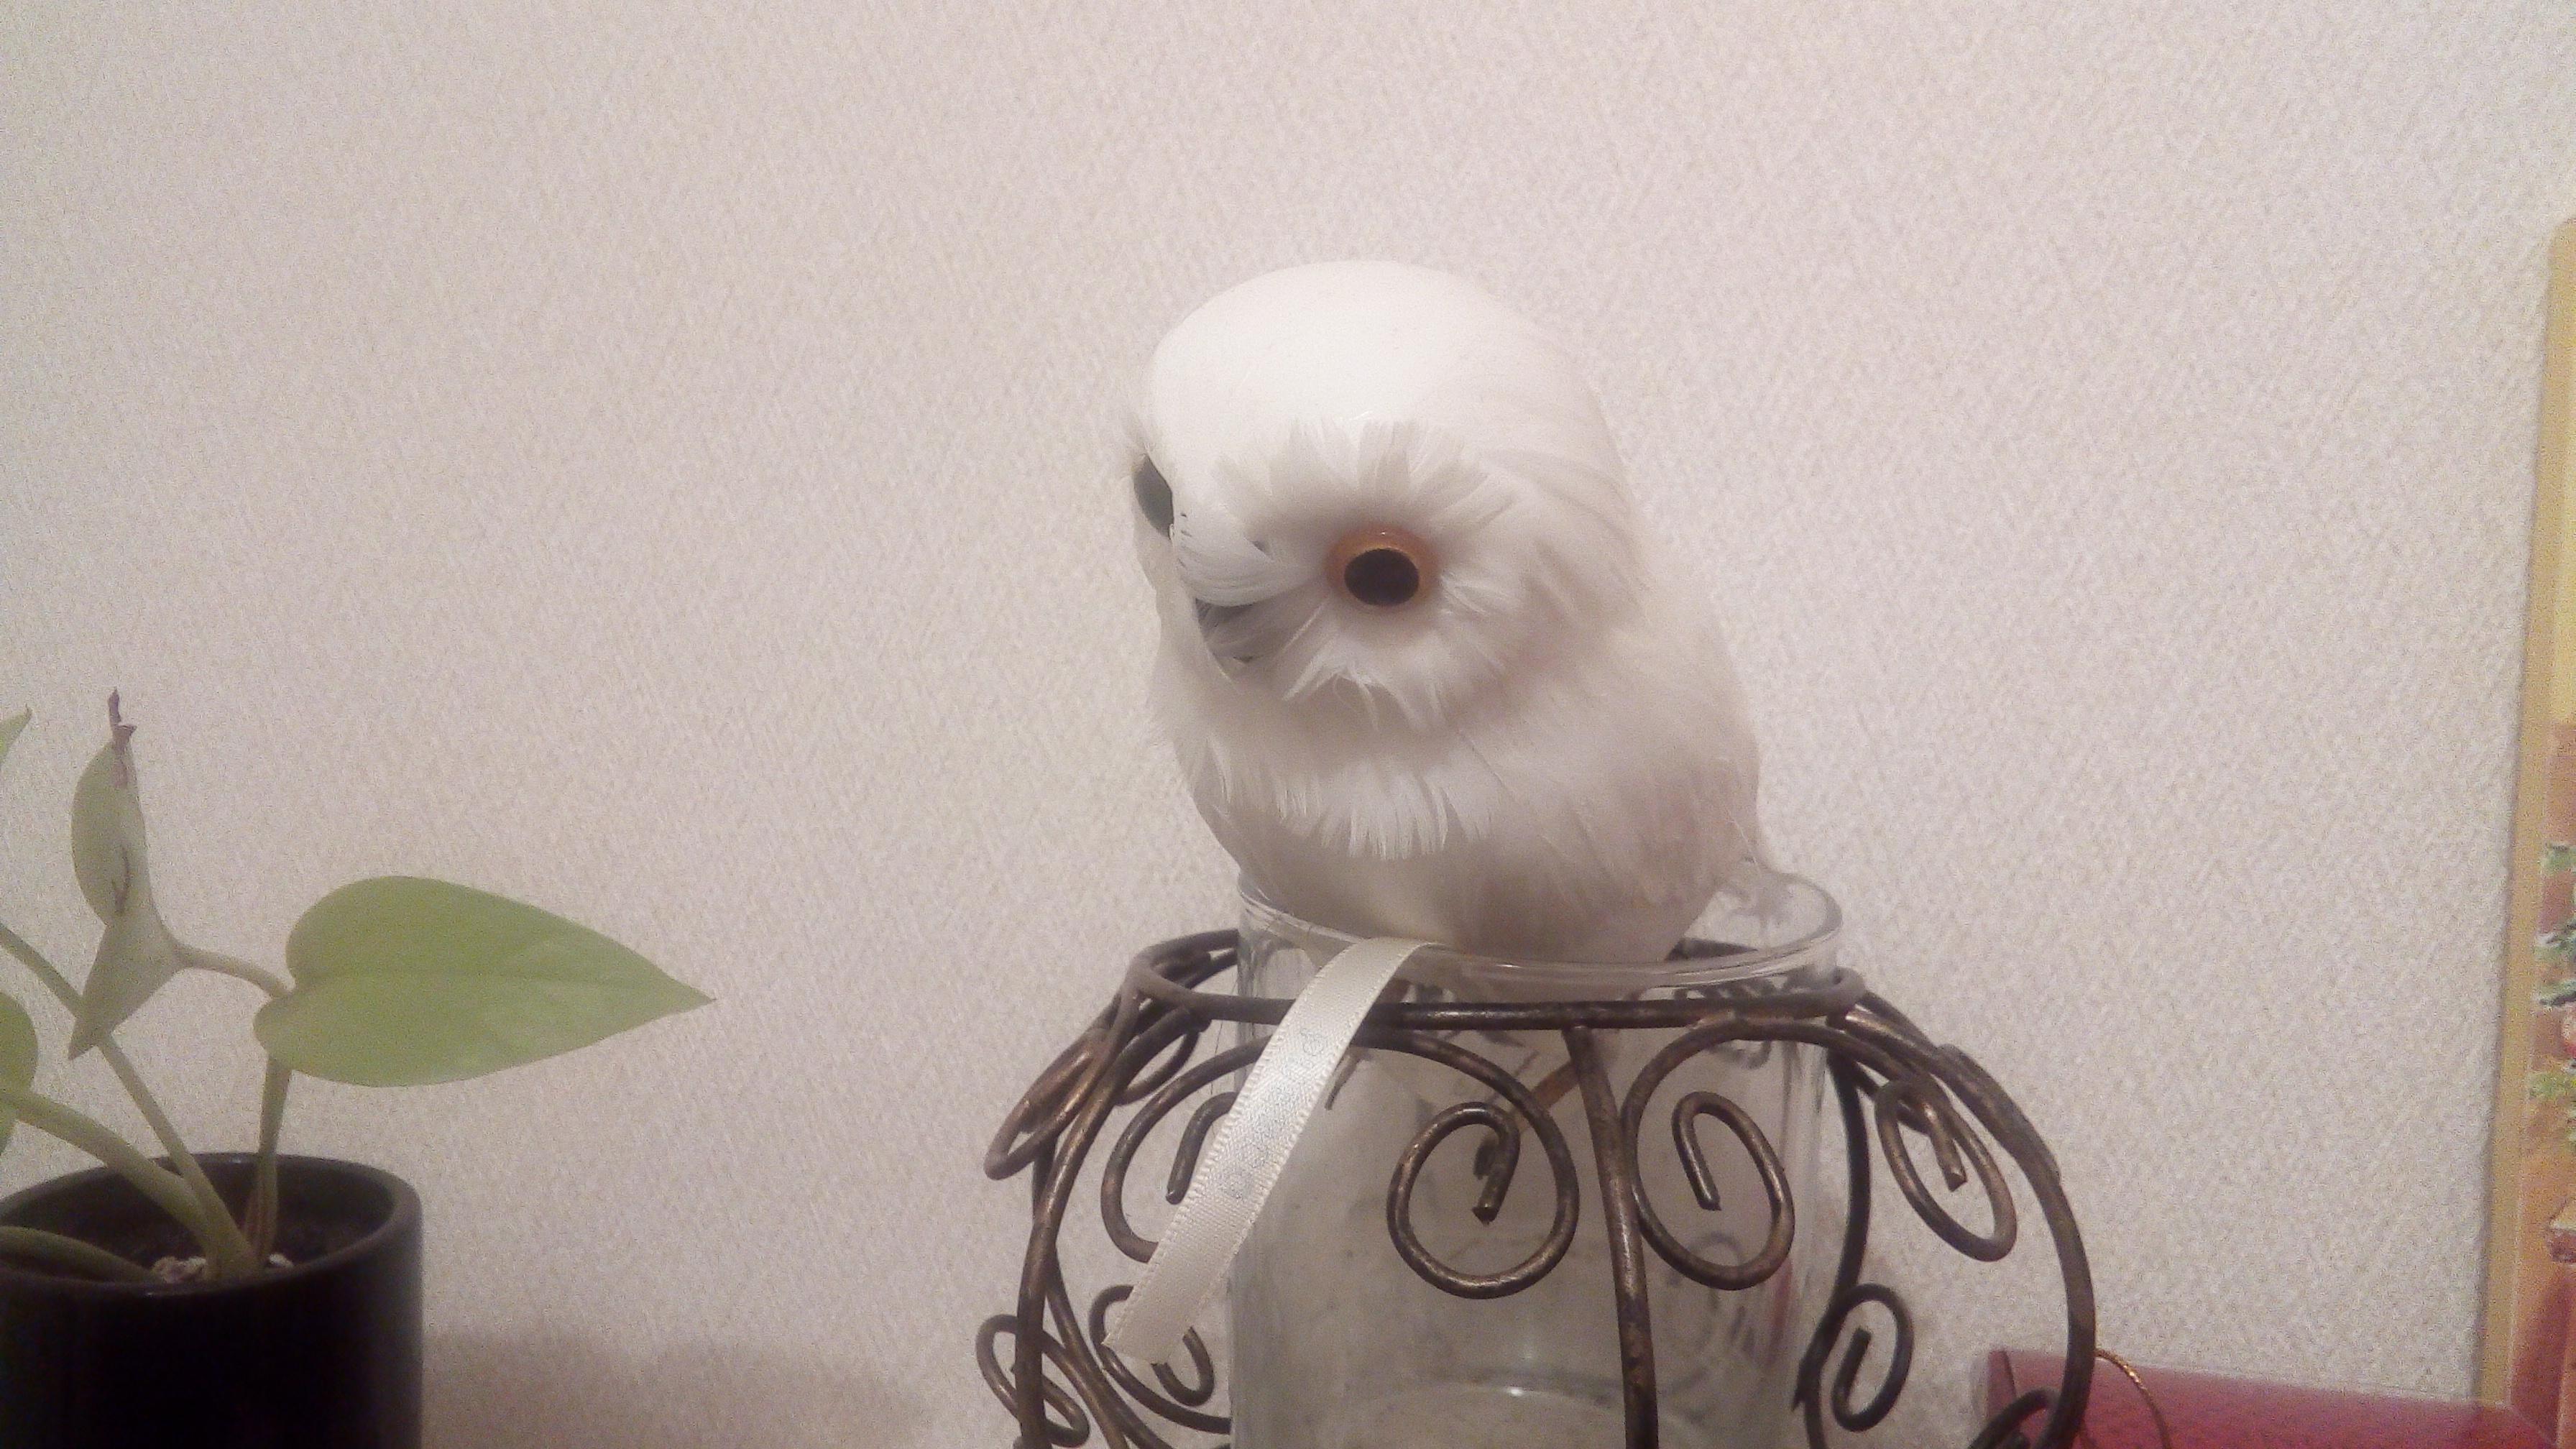 フクロウのオブジェで癒されながら縁起を担ごう PUEBCO(プエブコ)のフクロウ